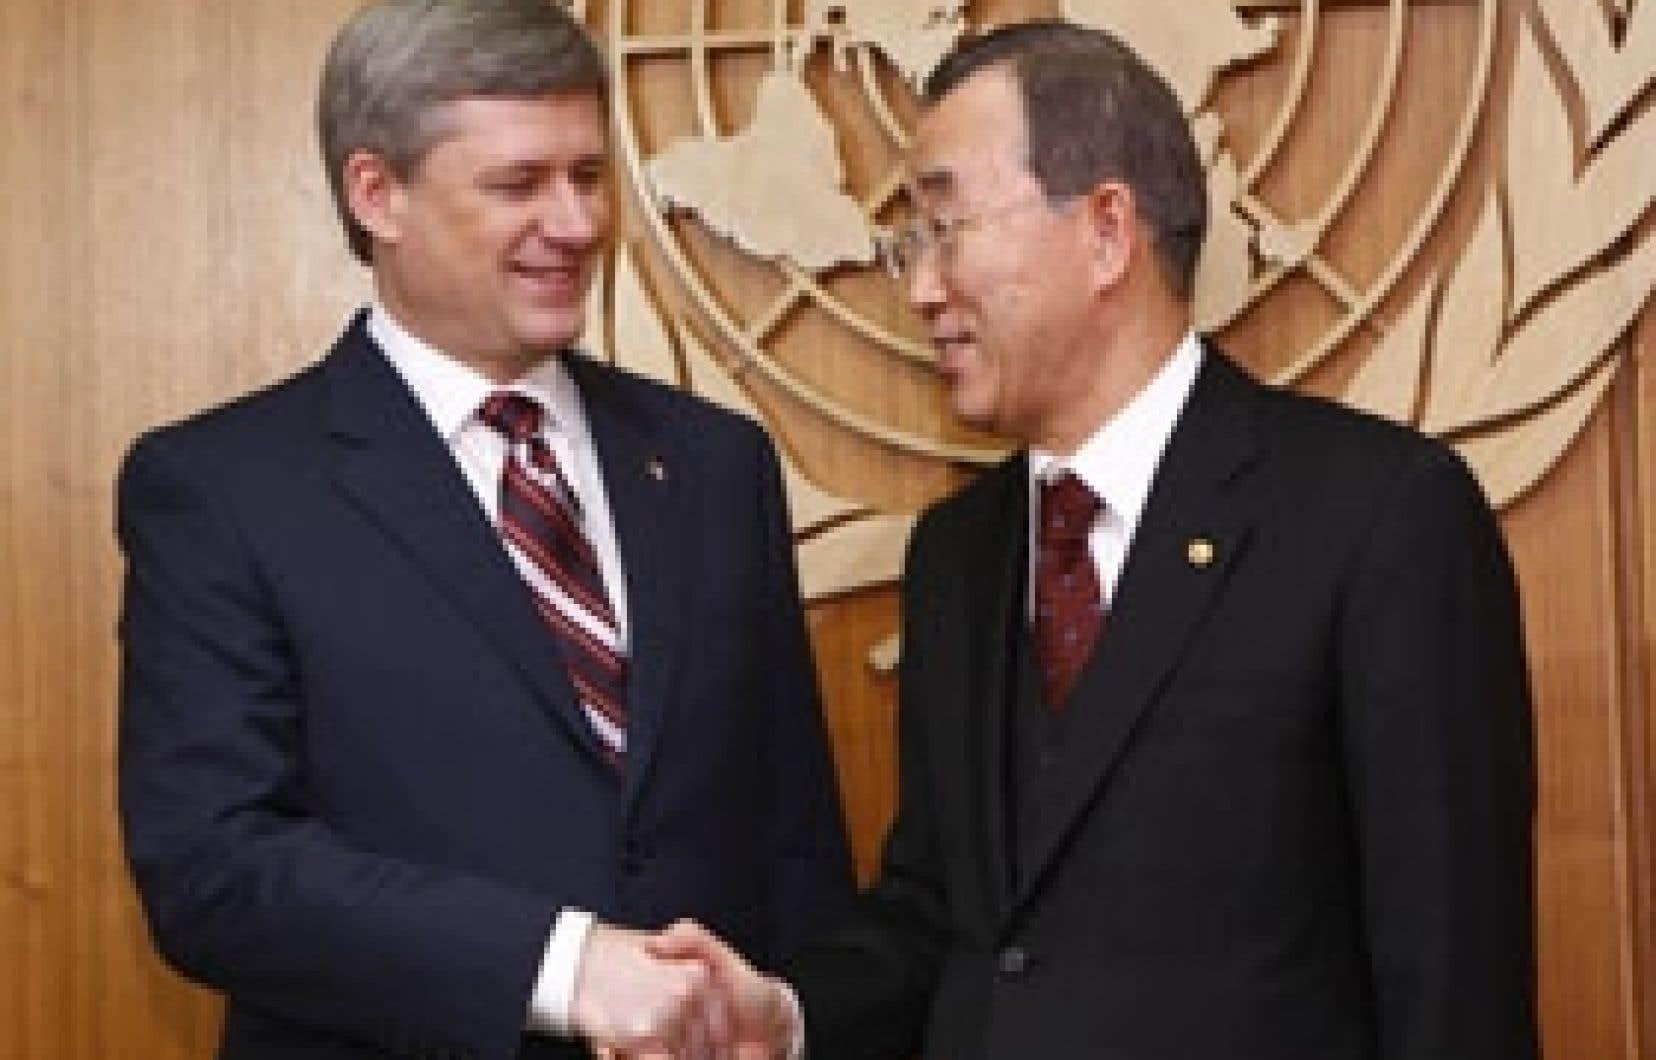 Le premier ministre Stephen Harper a été reçu par le secrétaire général de l'ONU, Ban Ki-moon.